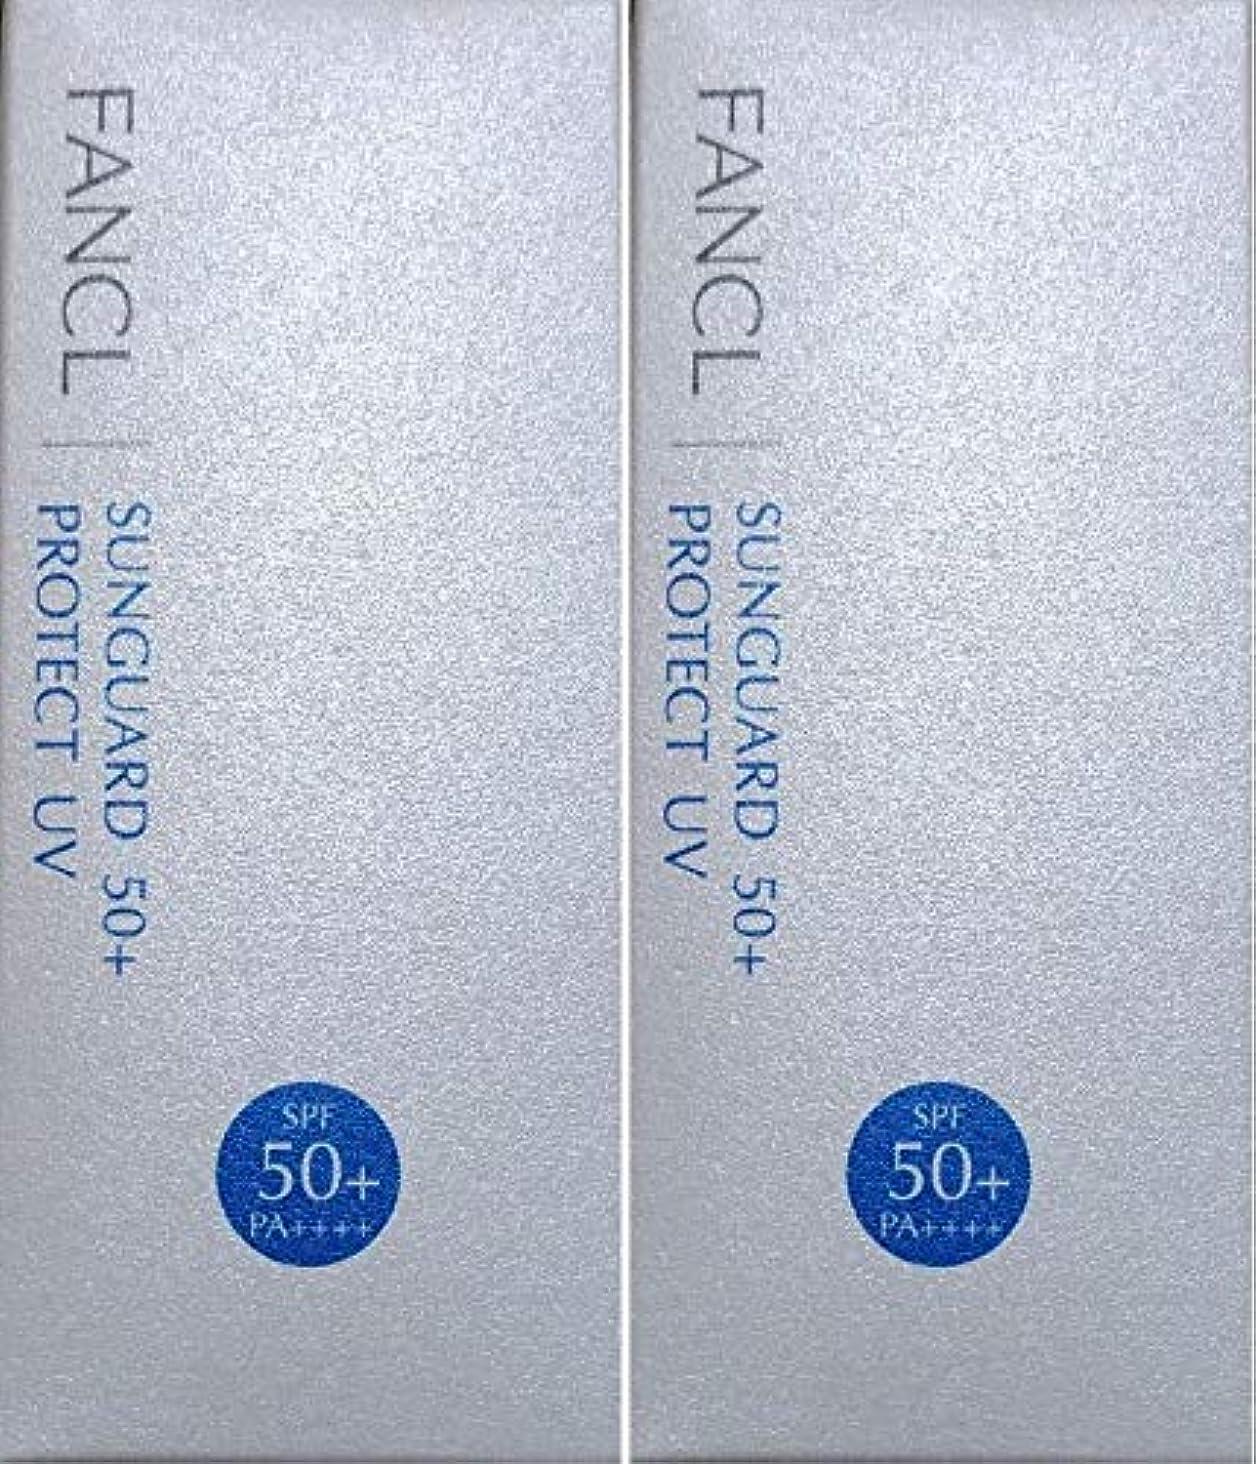 ふりをすると遊ぶ教室ファンケル(FANCL) サンガード50+ プロテクトUV (SPF50+・PA++++)60mL ×2箱セット